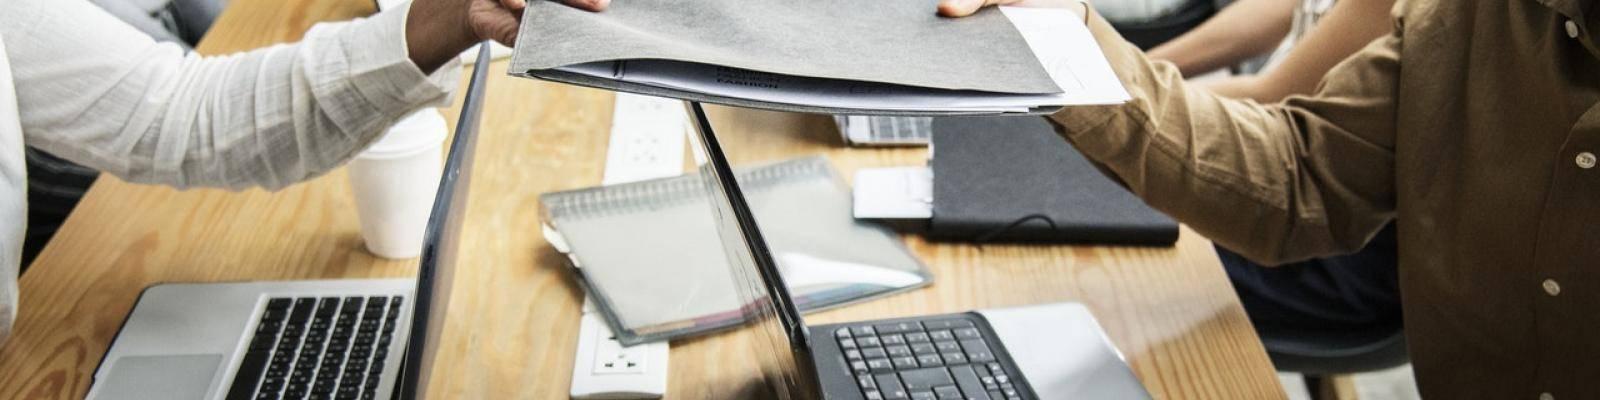 Mensen met laptops en documenten